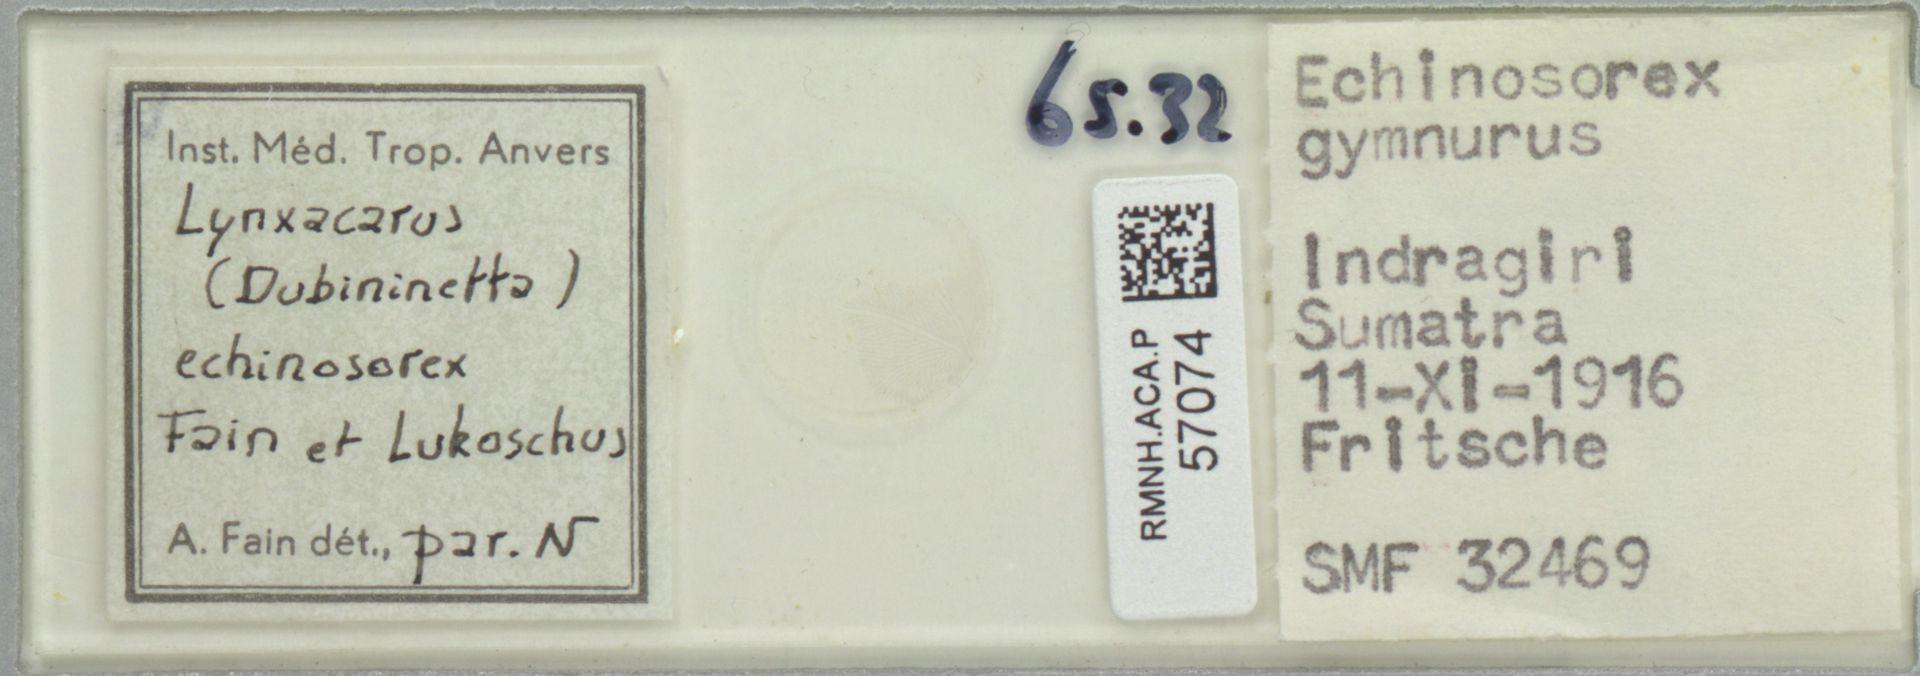 RMNH.ACA.P.57074 | Lynxacarus (Dubininetta) echinosorex Fain & Lukoschus